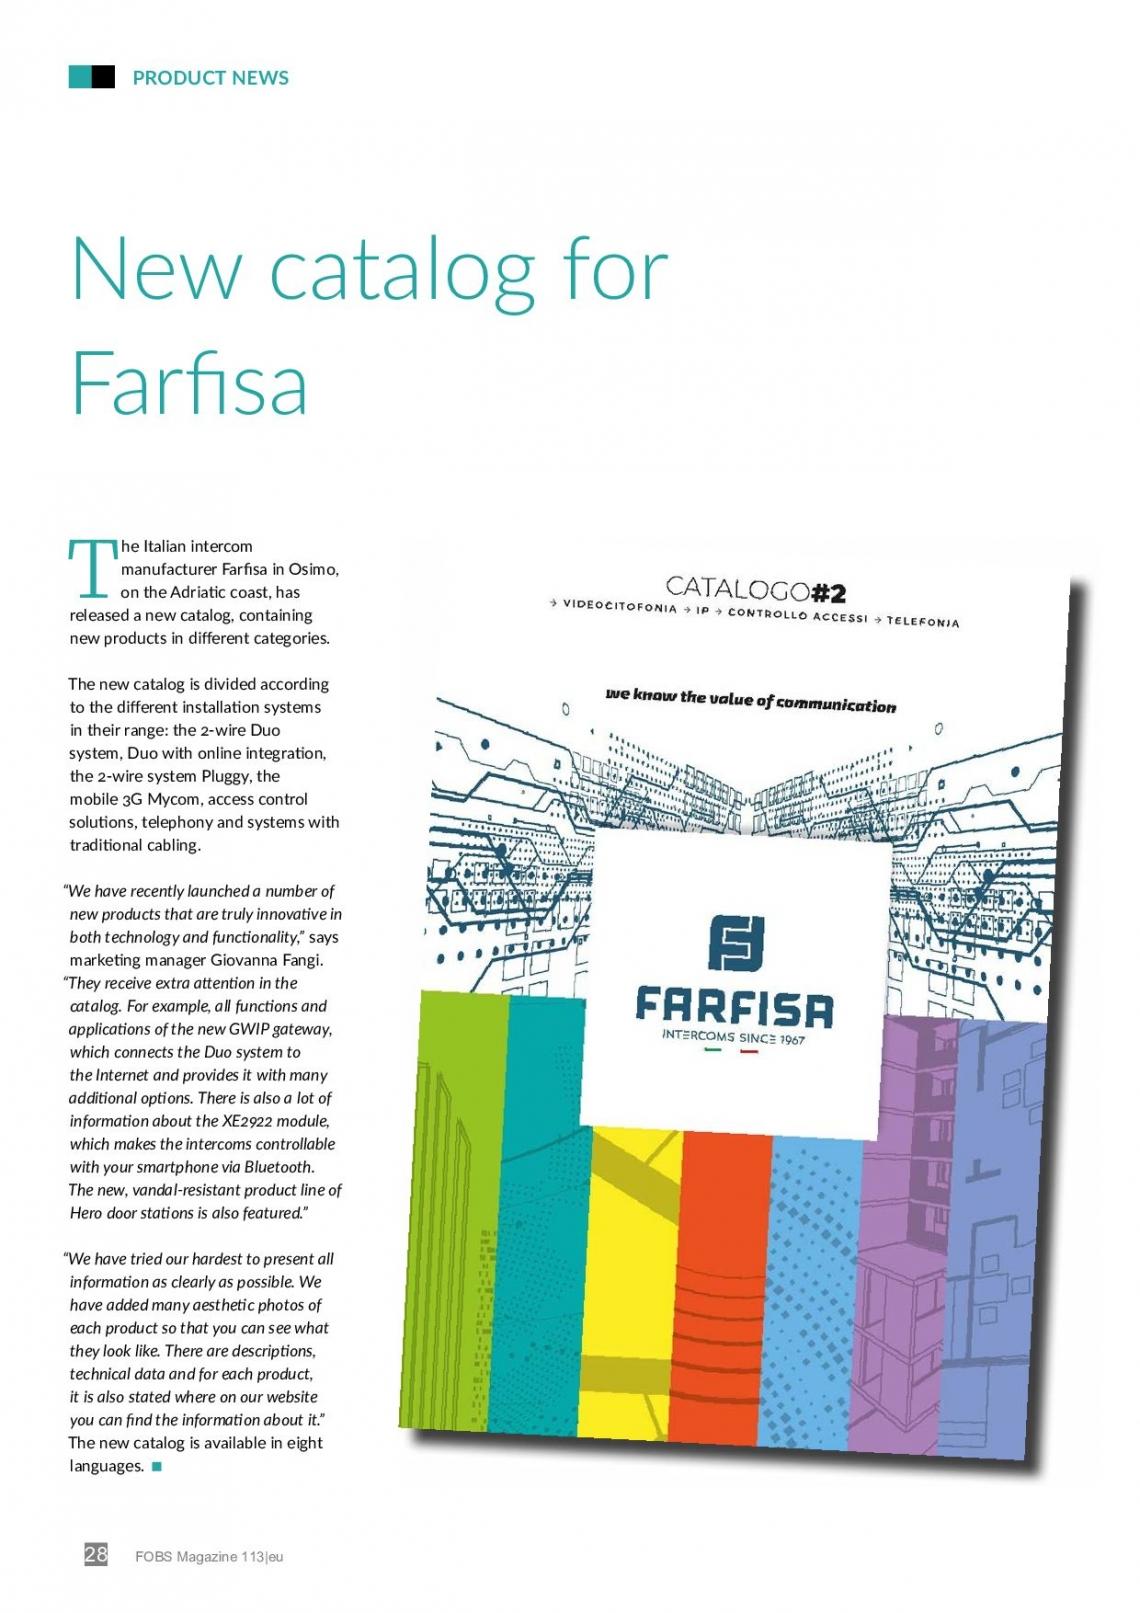 El nuevo catálogo de Farfisa